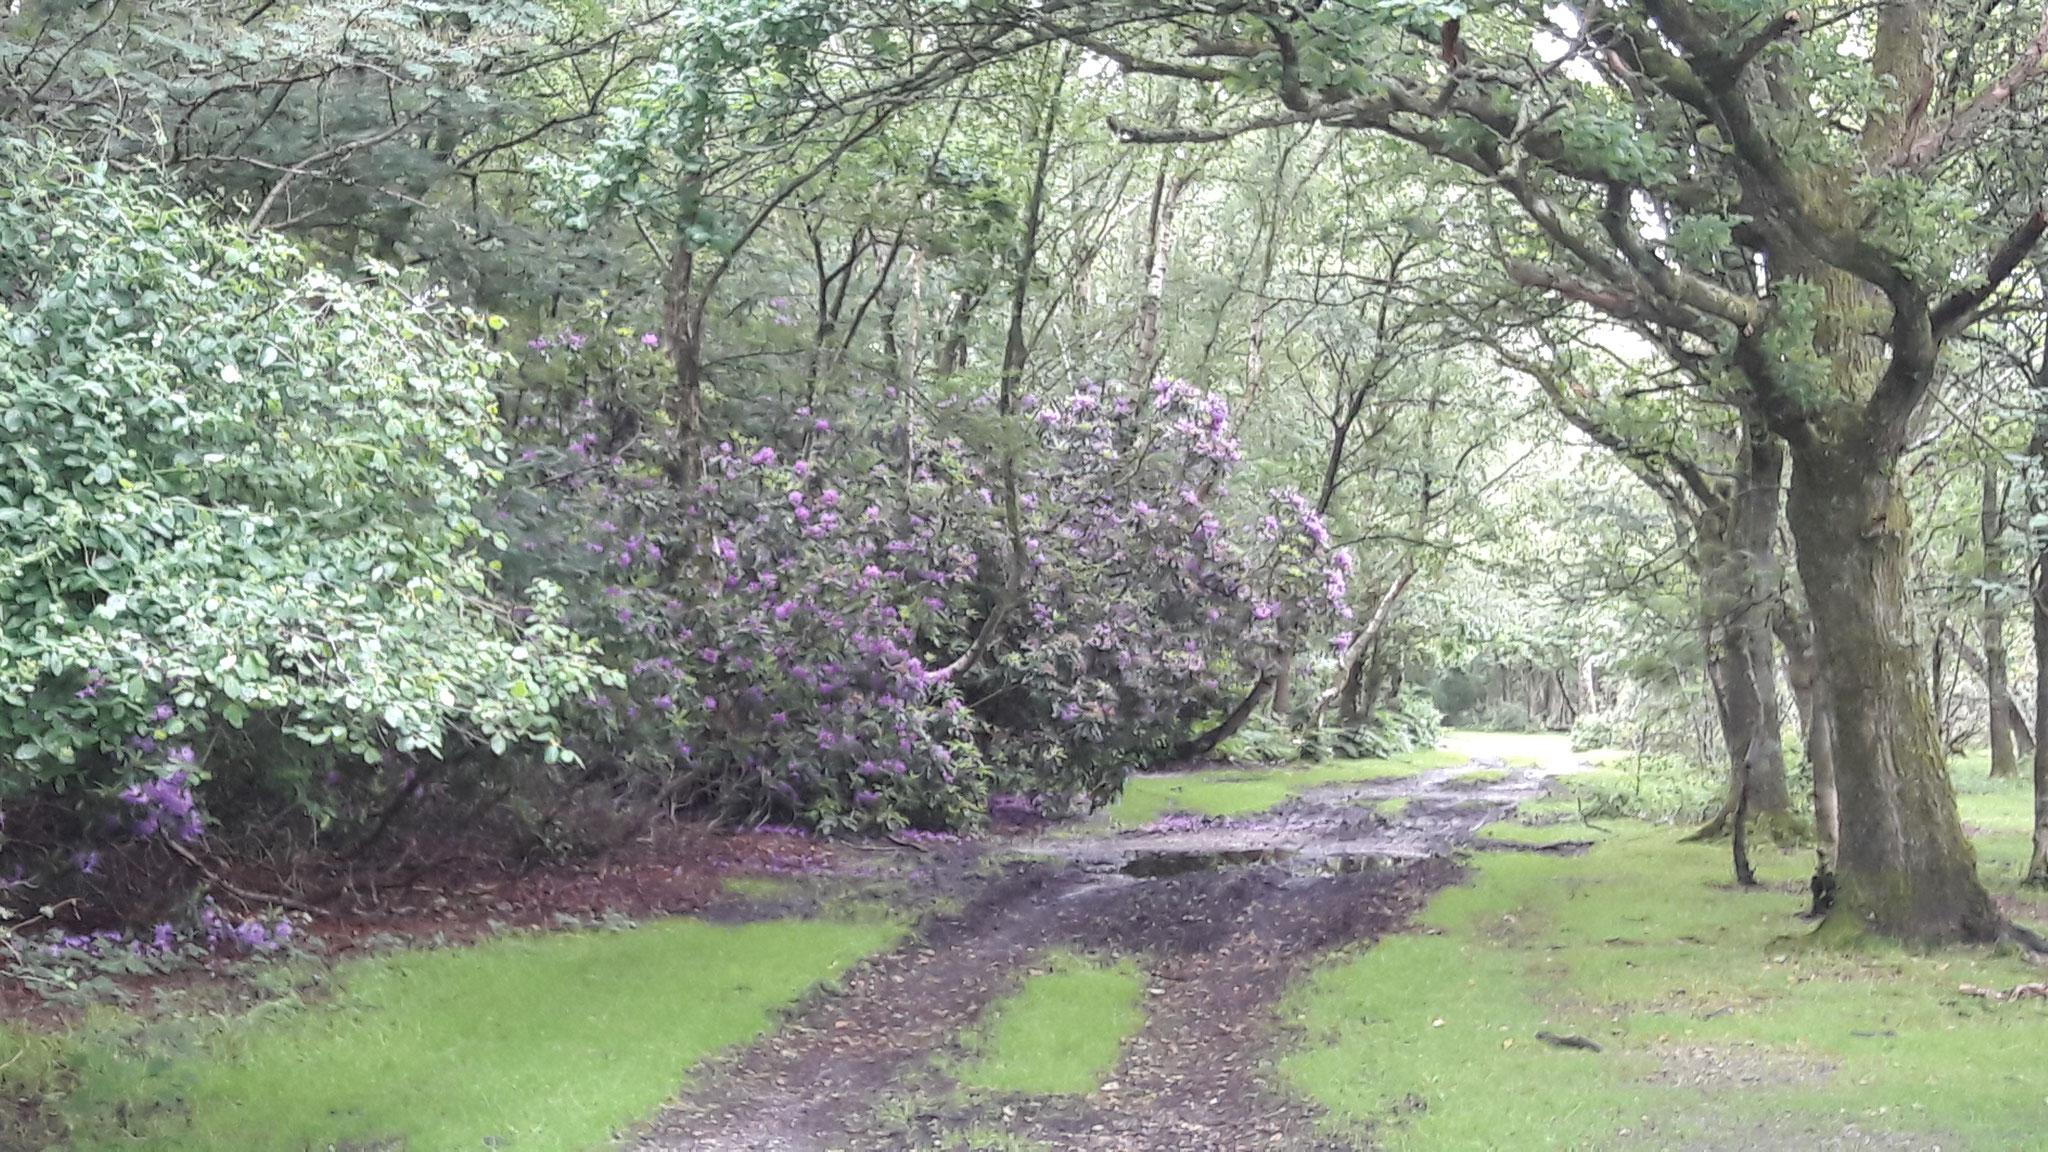 Zur Zeit blüht hier überall der wilde Rhododendren